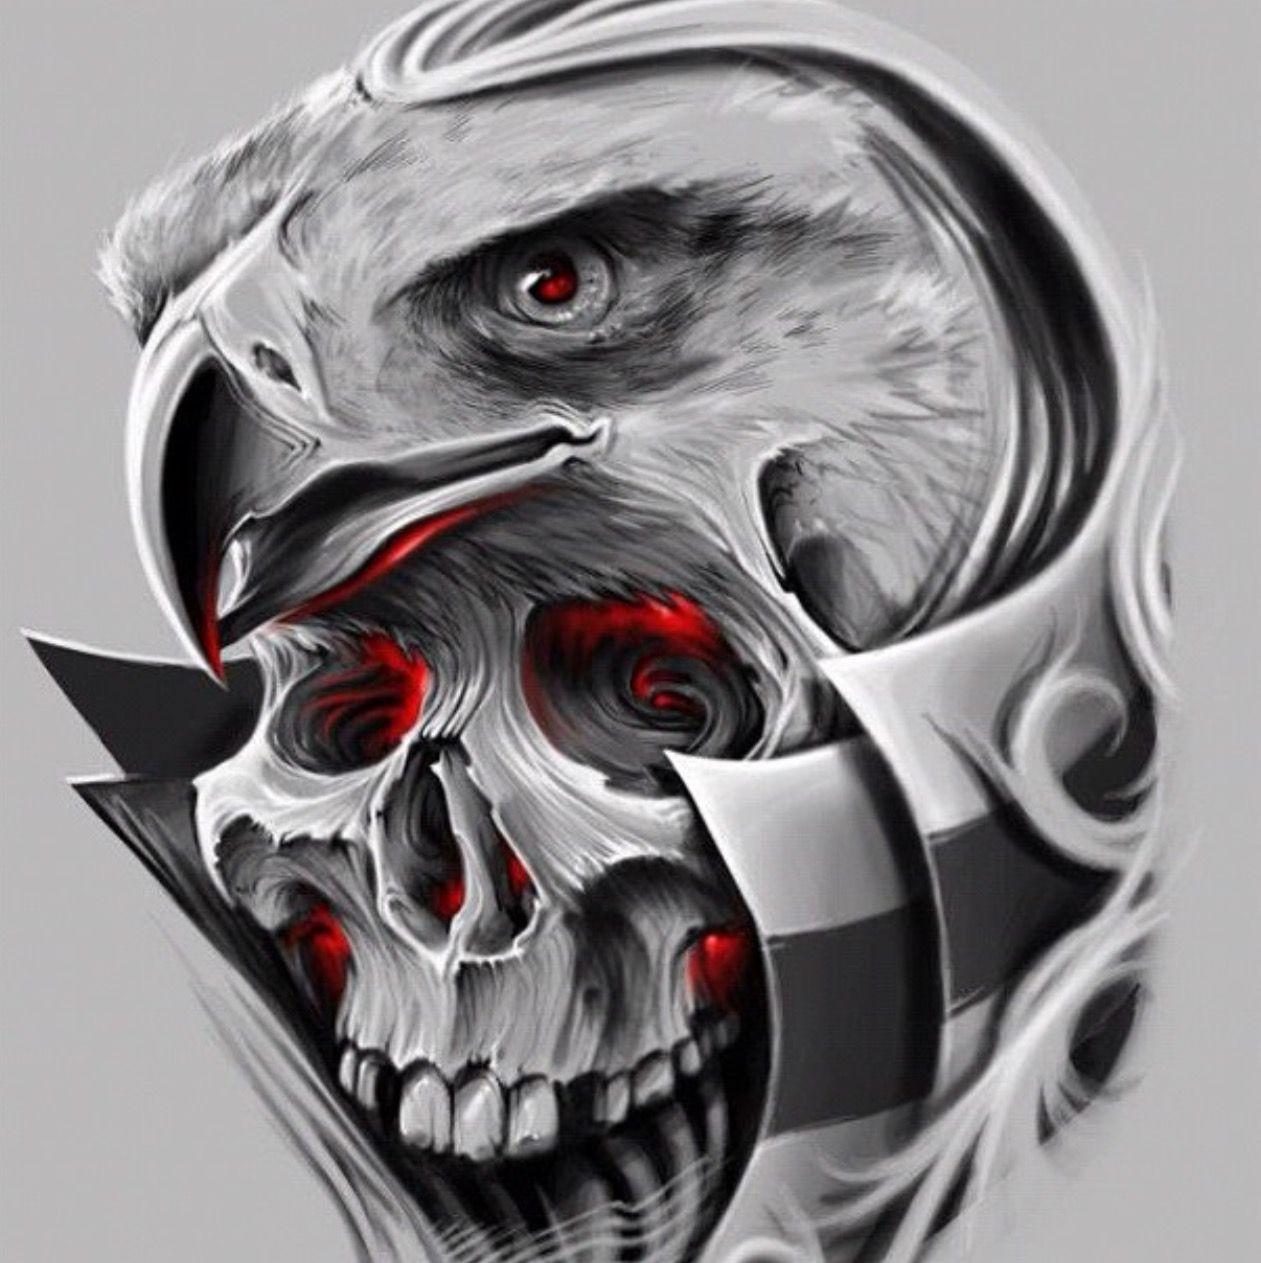 Pin By Zero One On David Garcia Skull Art Skull Design Skull Tattoos